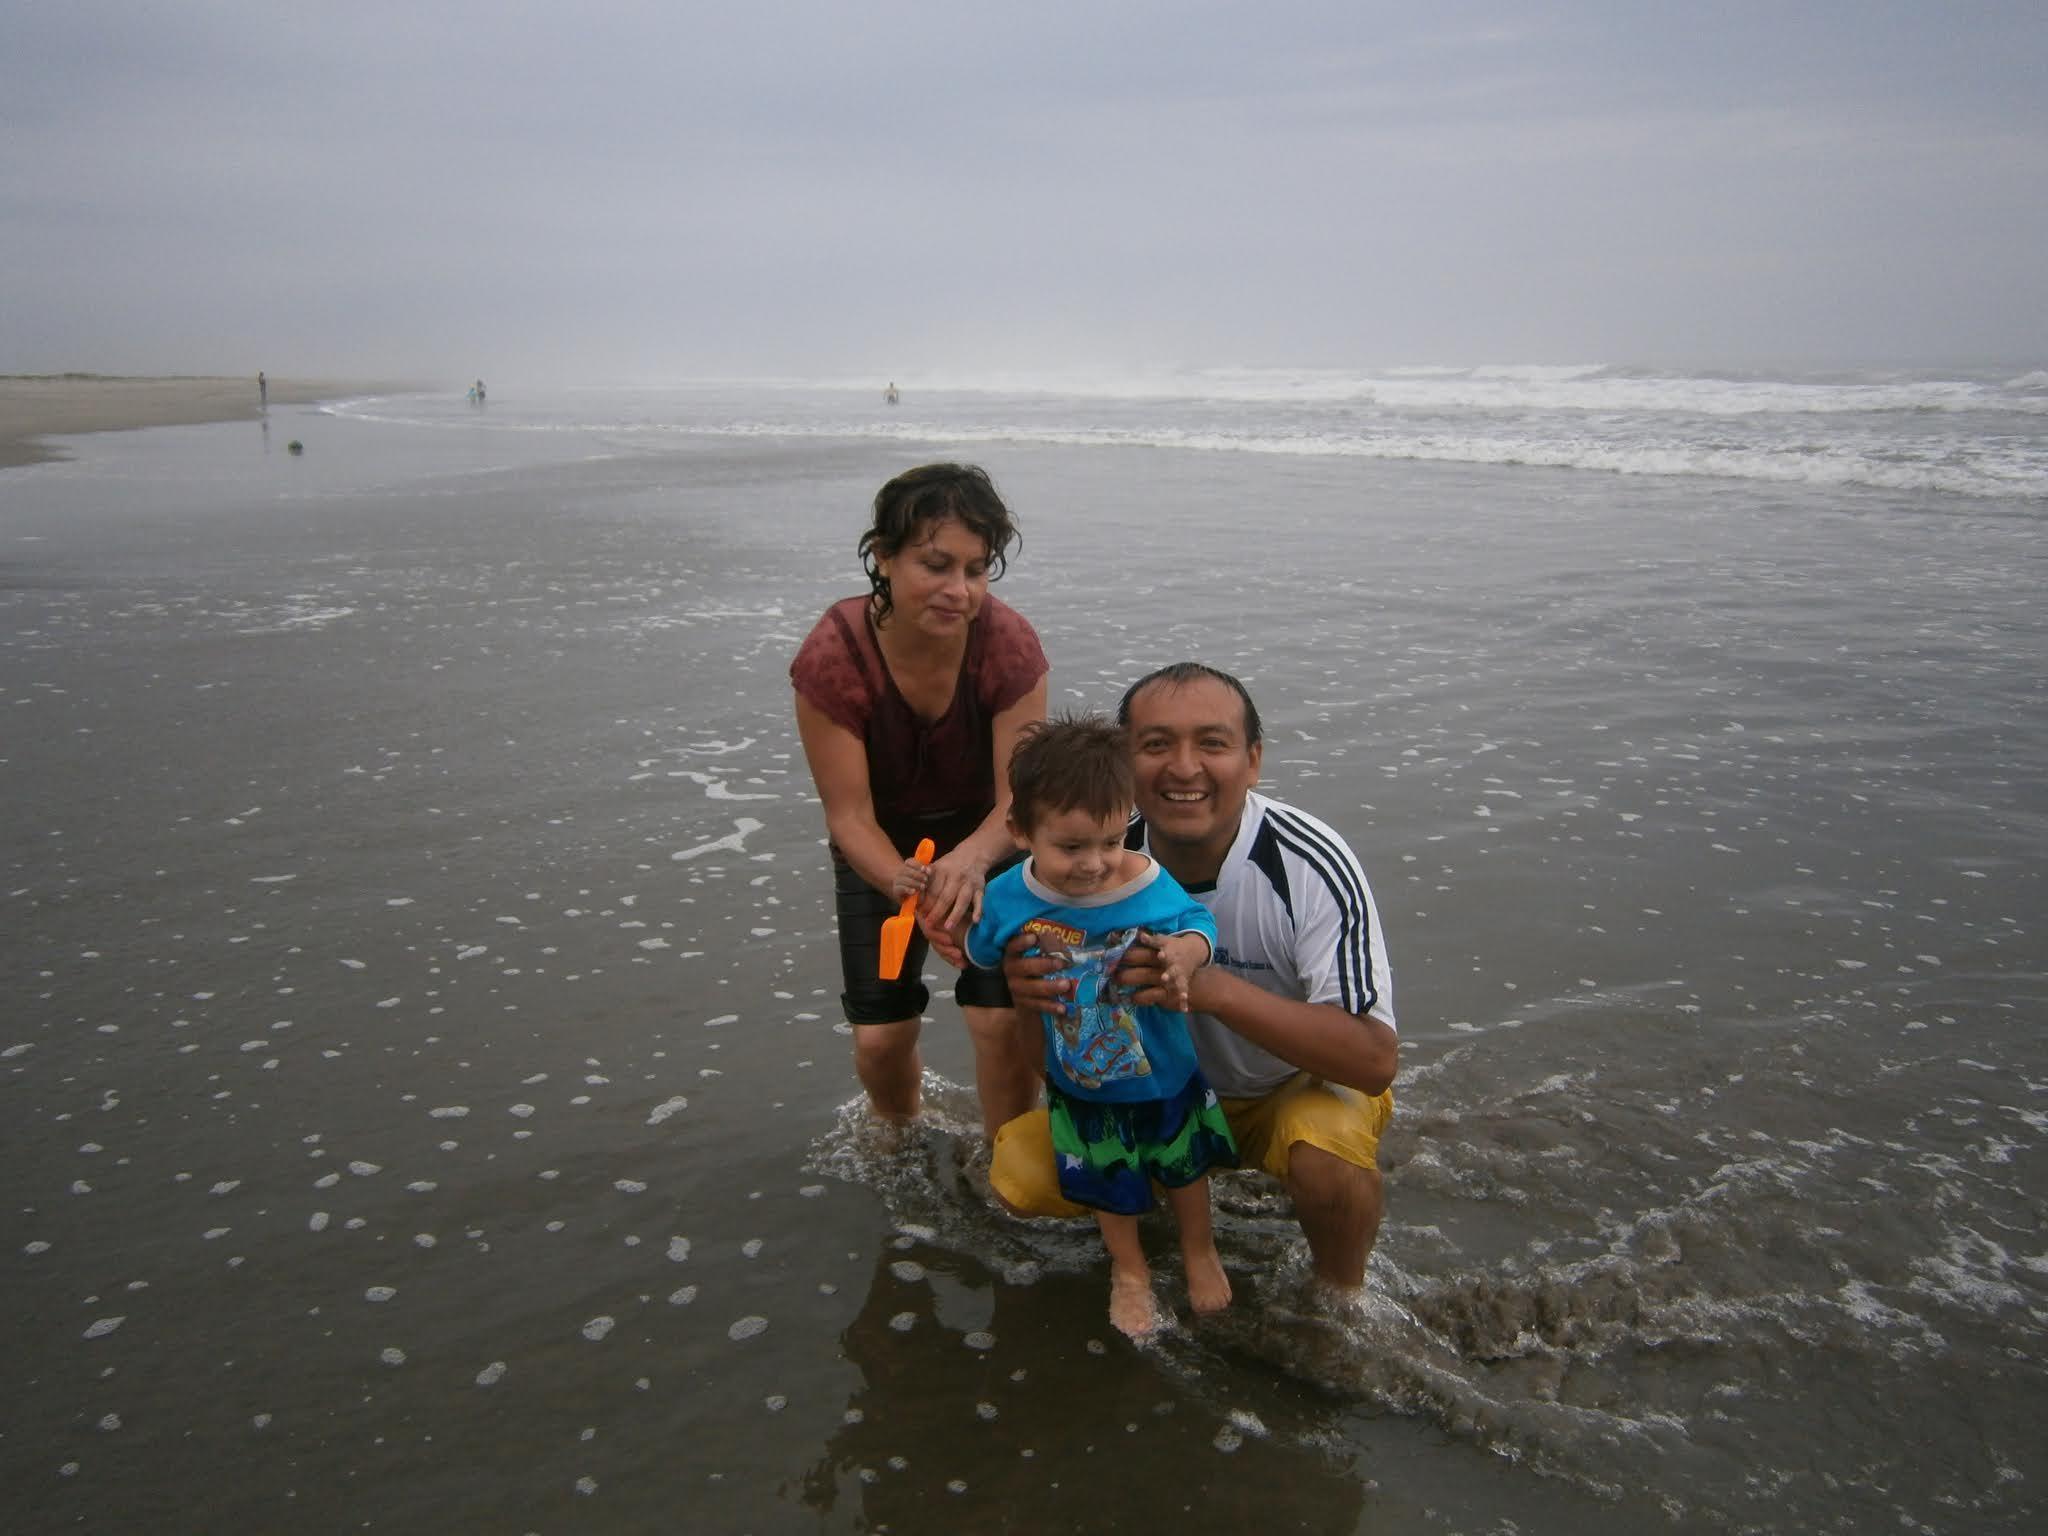 Descripción de la fotografía. Familia Alegre posando para la foto en la orilla de la playa. Familia alegre posando para la foto en la orilla de la playa acompañado de su niño.